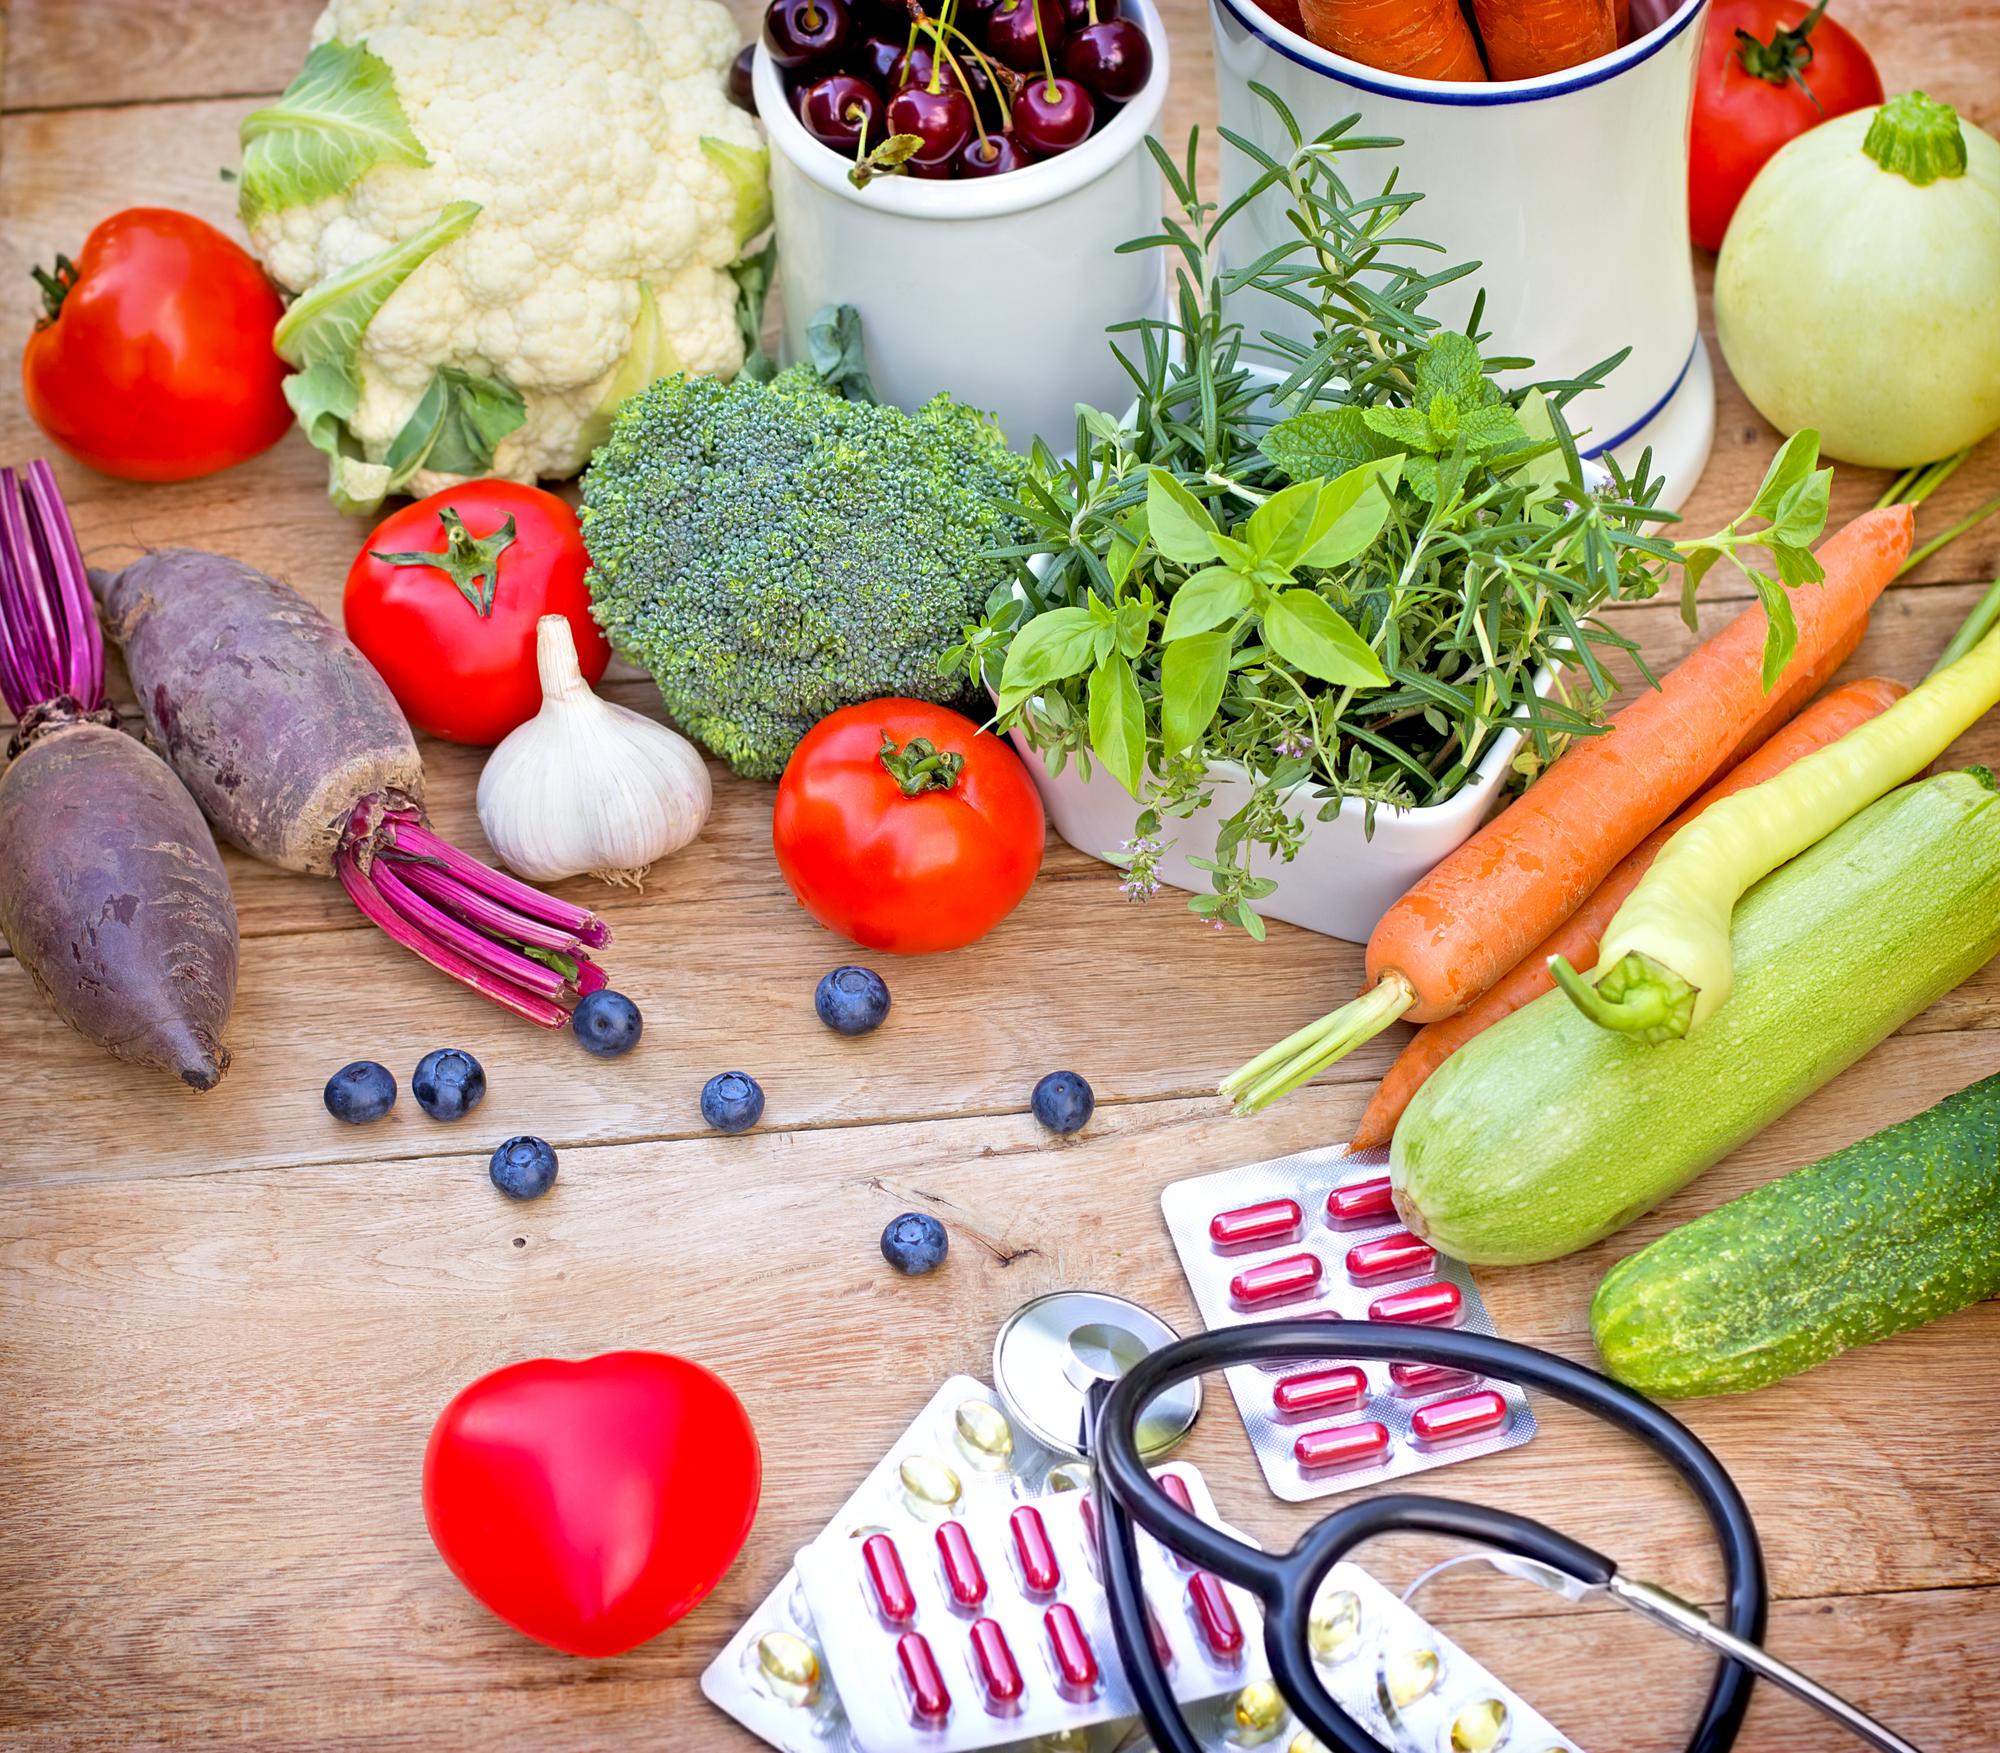 Alimentação sólida ou suplementos? | Foto: lola19 / Deposit Photos